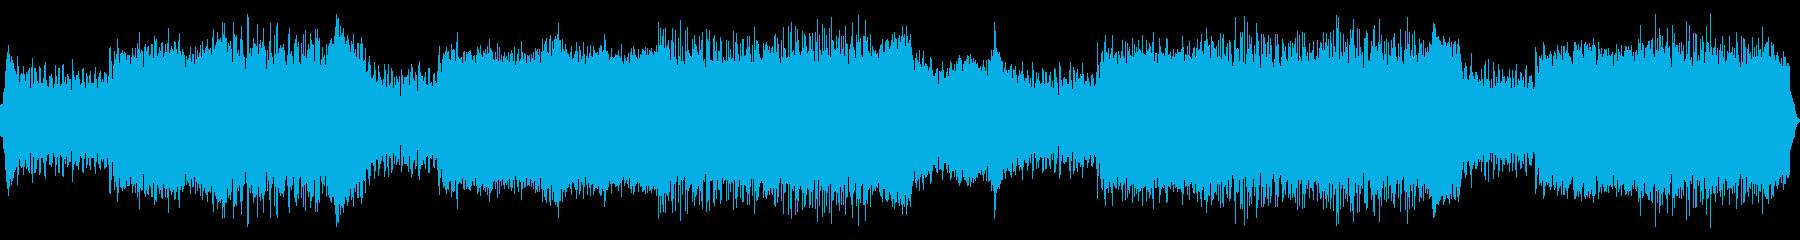 ゲーム/RPG/バトル/オーケストラ風の再生済みの波形